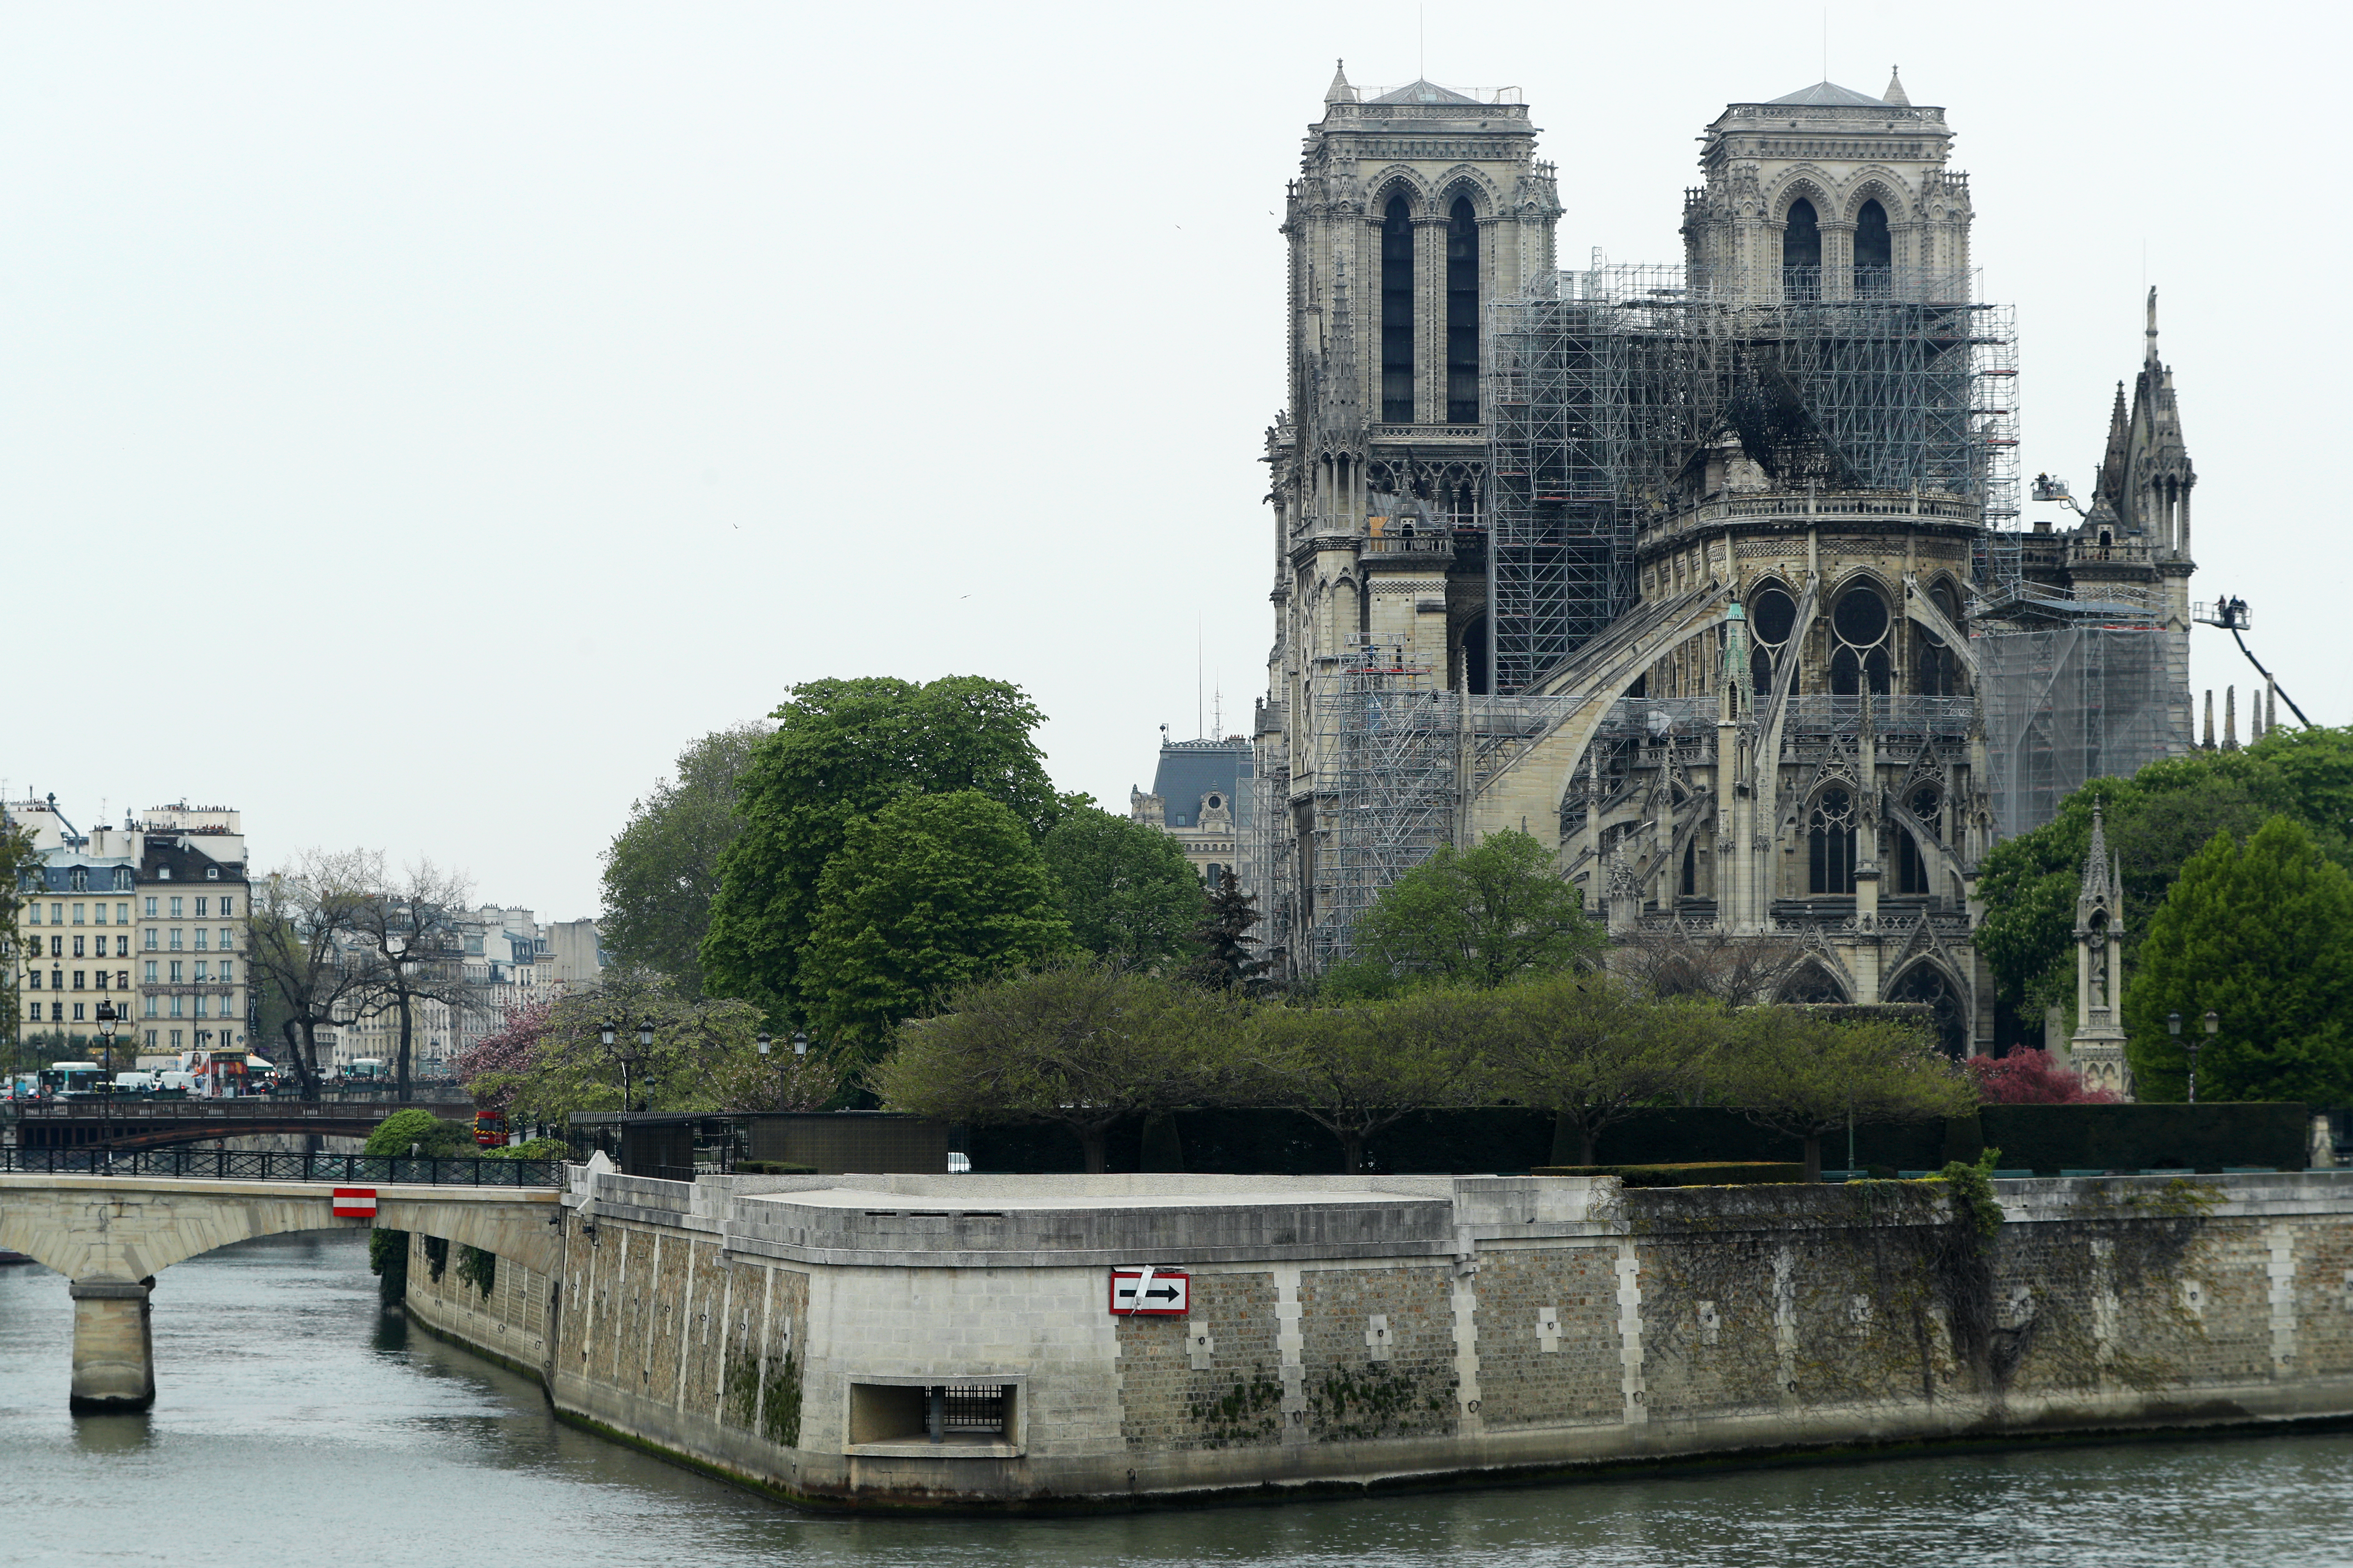 巴黎聖母院大火原因 檢察官:屬意外事故